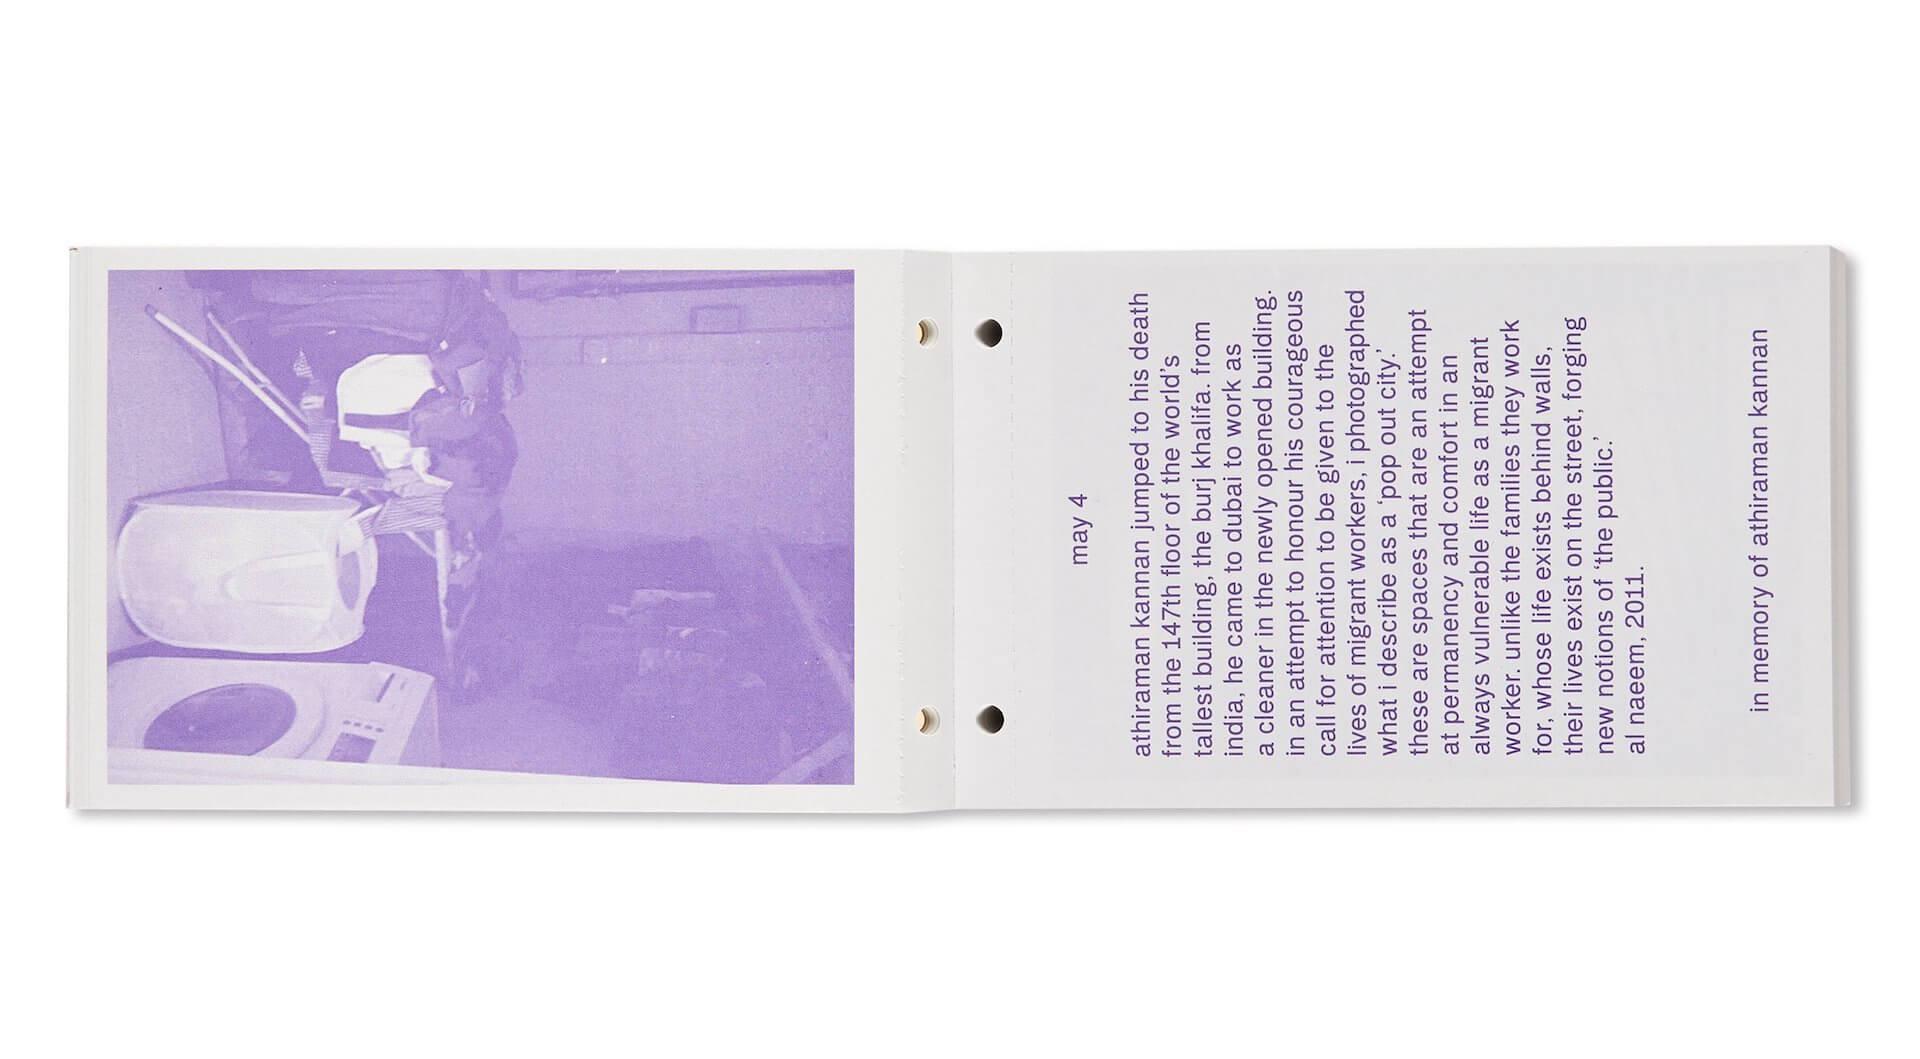 アートブックノススメ Qetic編集部が選ぶ5冊/Davide Sorrenti 他 art210322_artbook-04